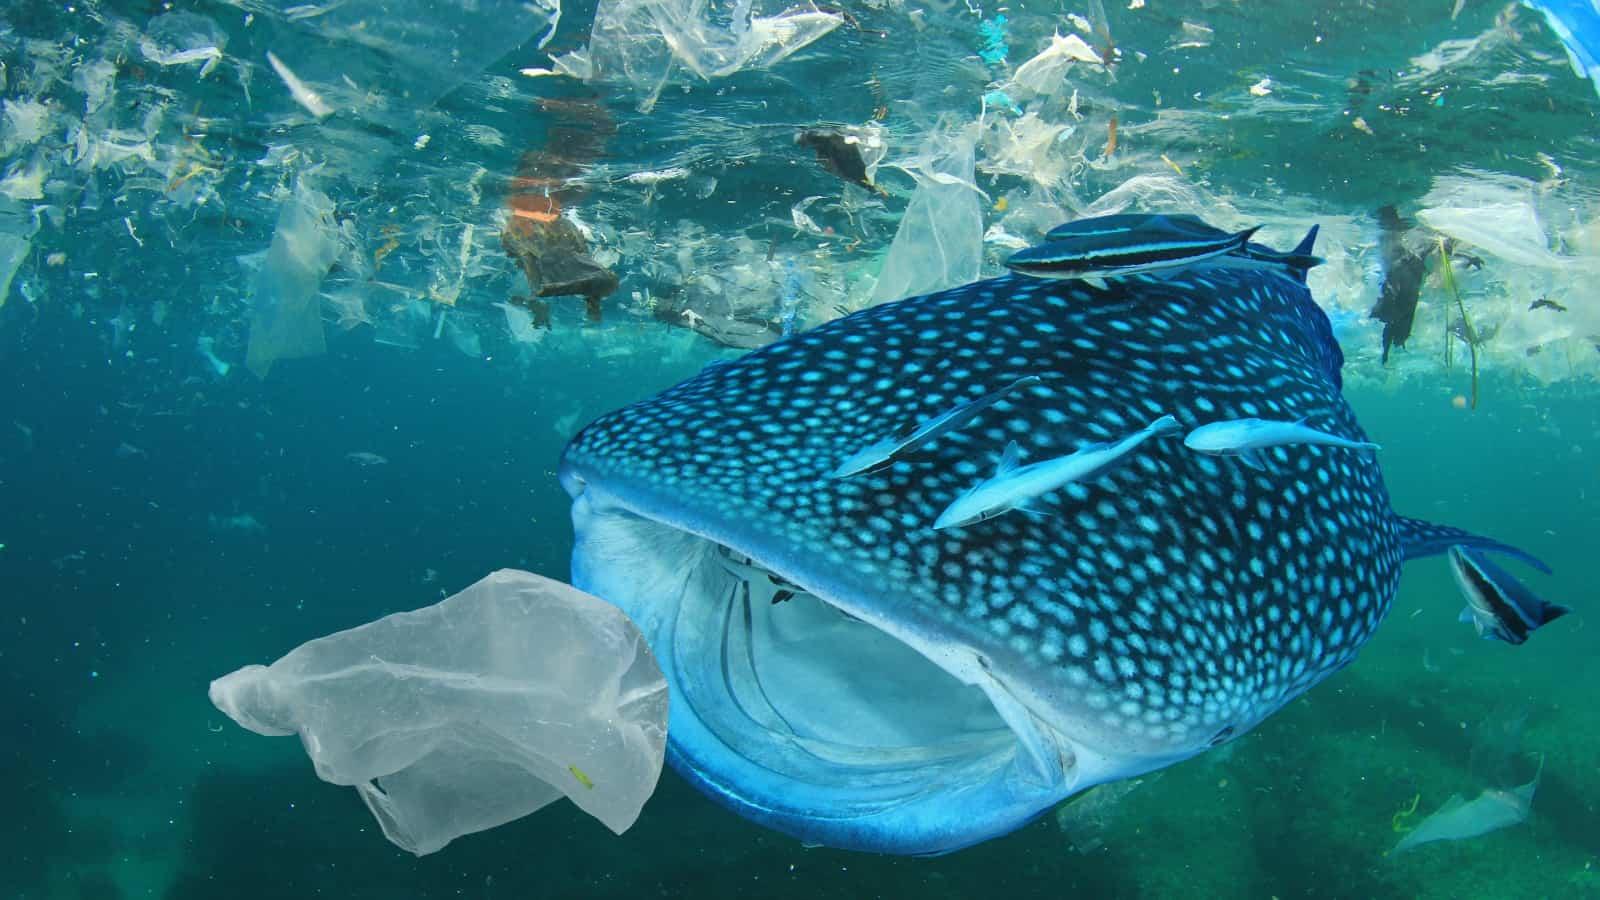 Dieser Walhai verwechselt ein Plastiksackerl mit Nahrung und frisst es